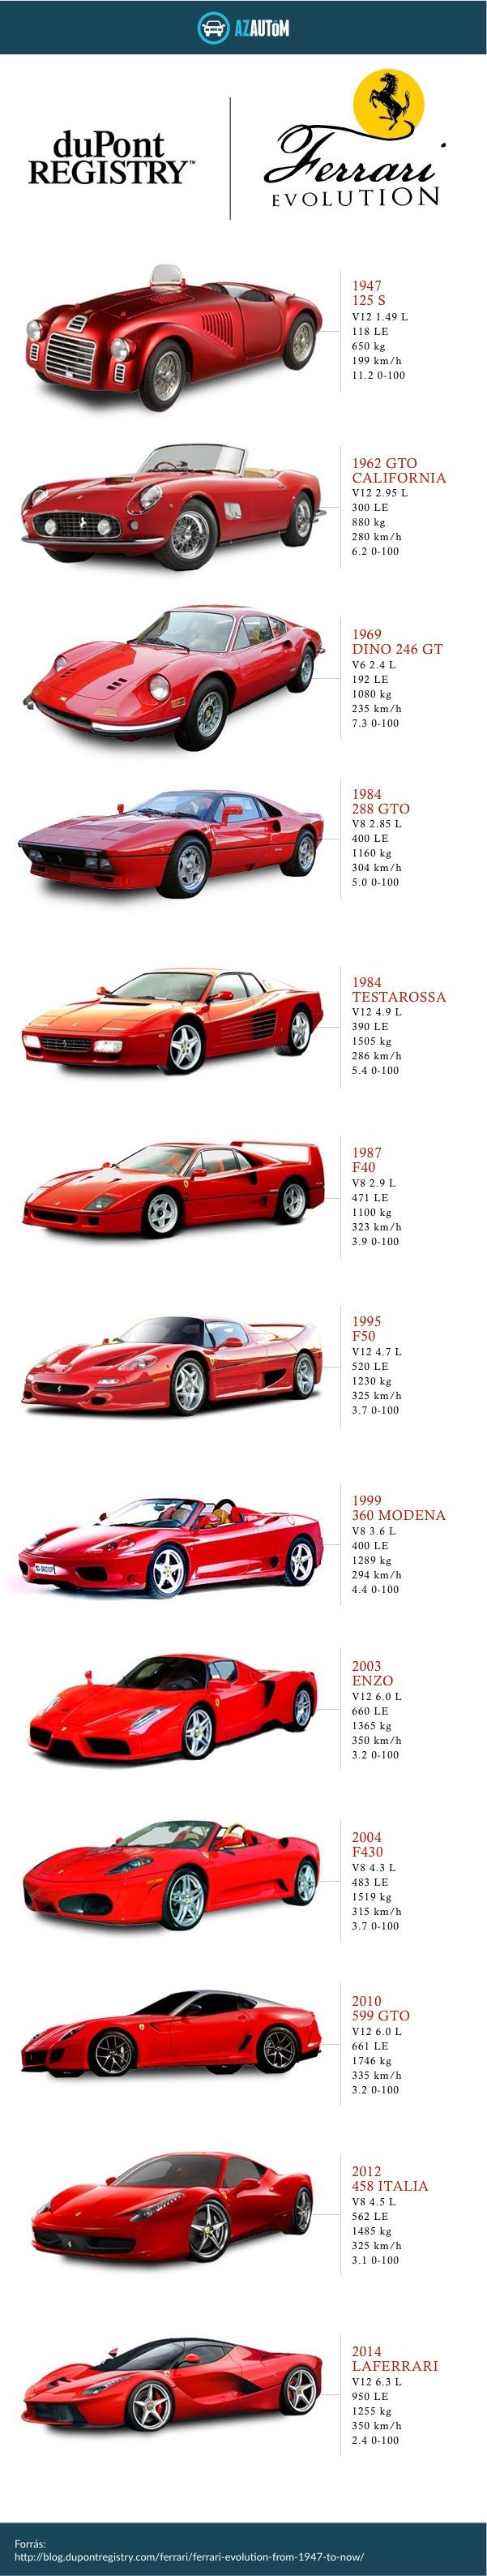 Ferrari evolúció infografika